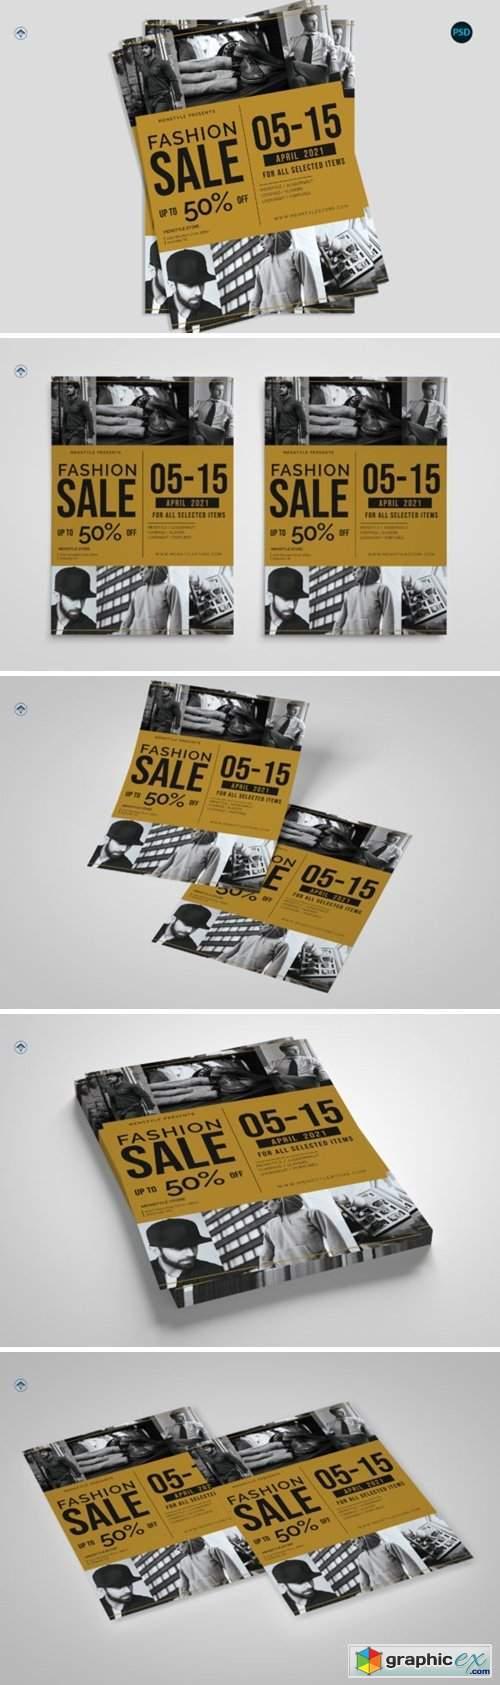 Fashion Sale Flyer V1